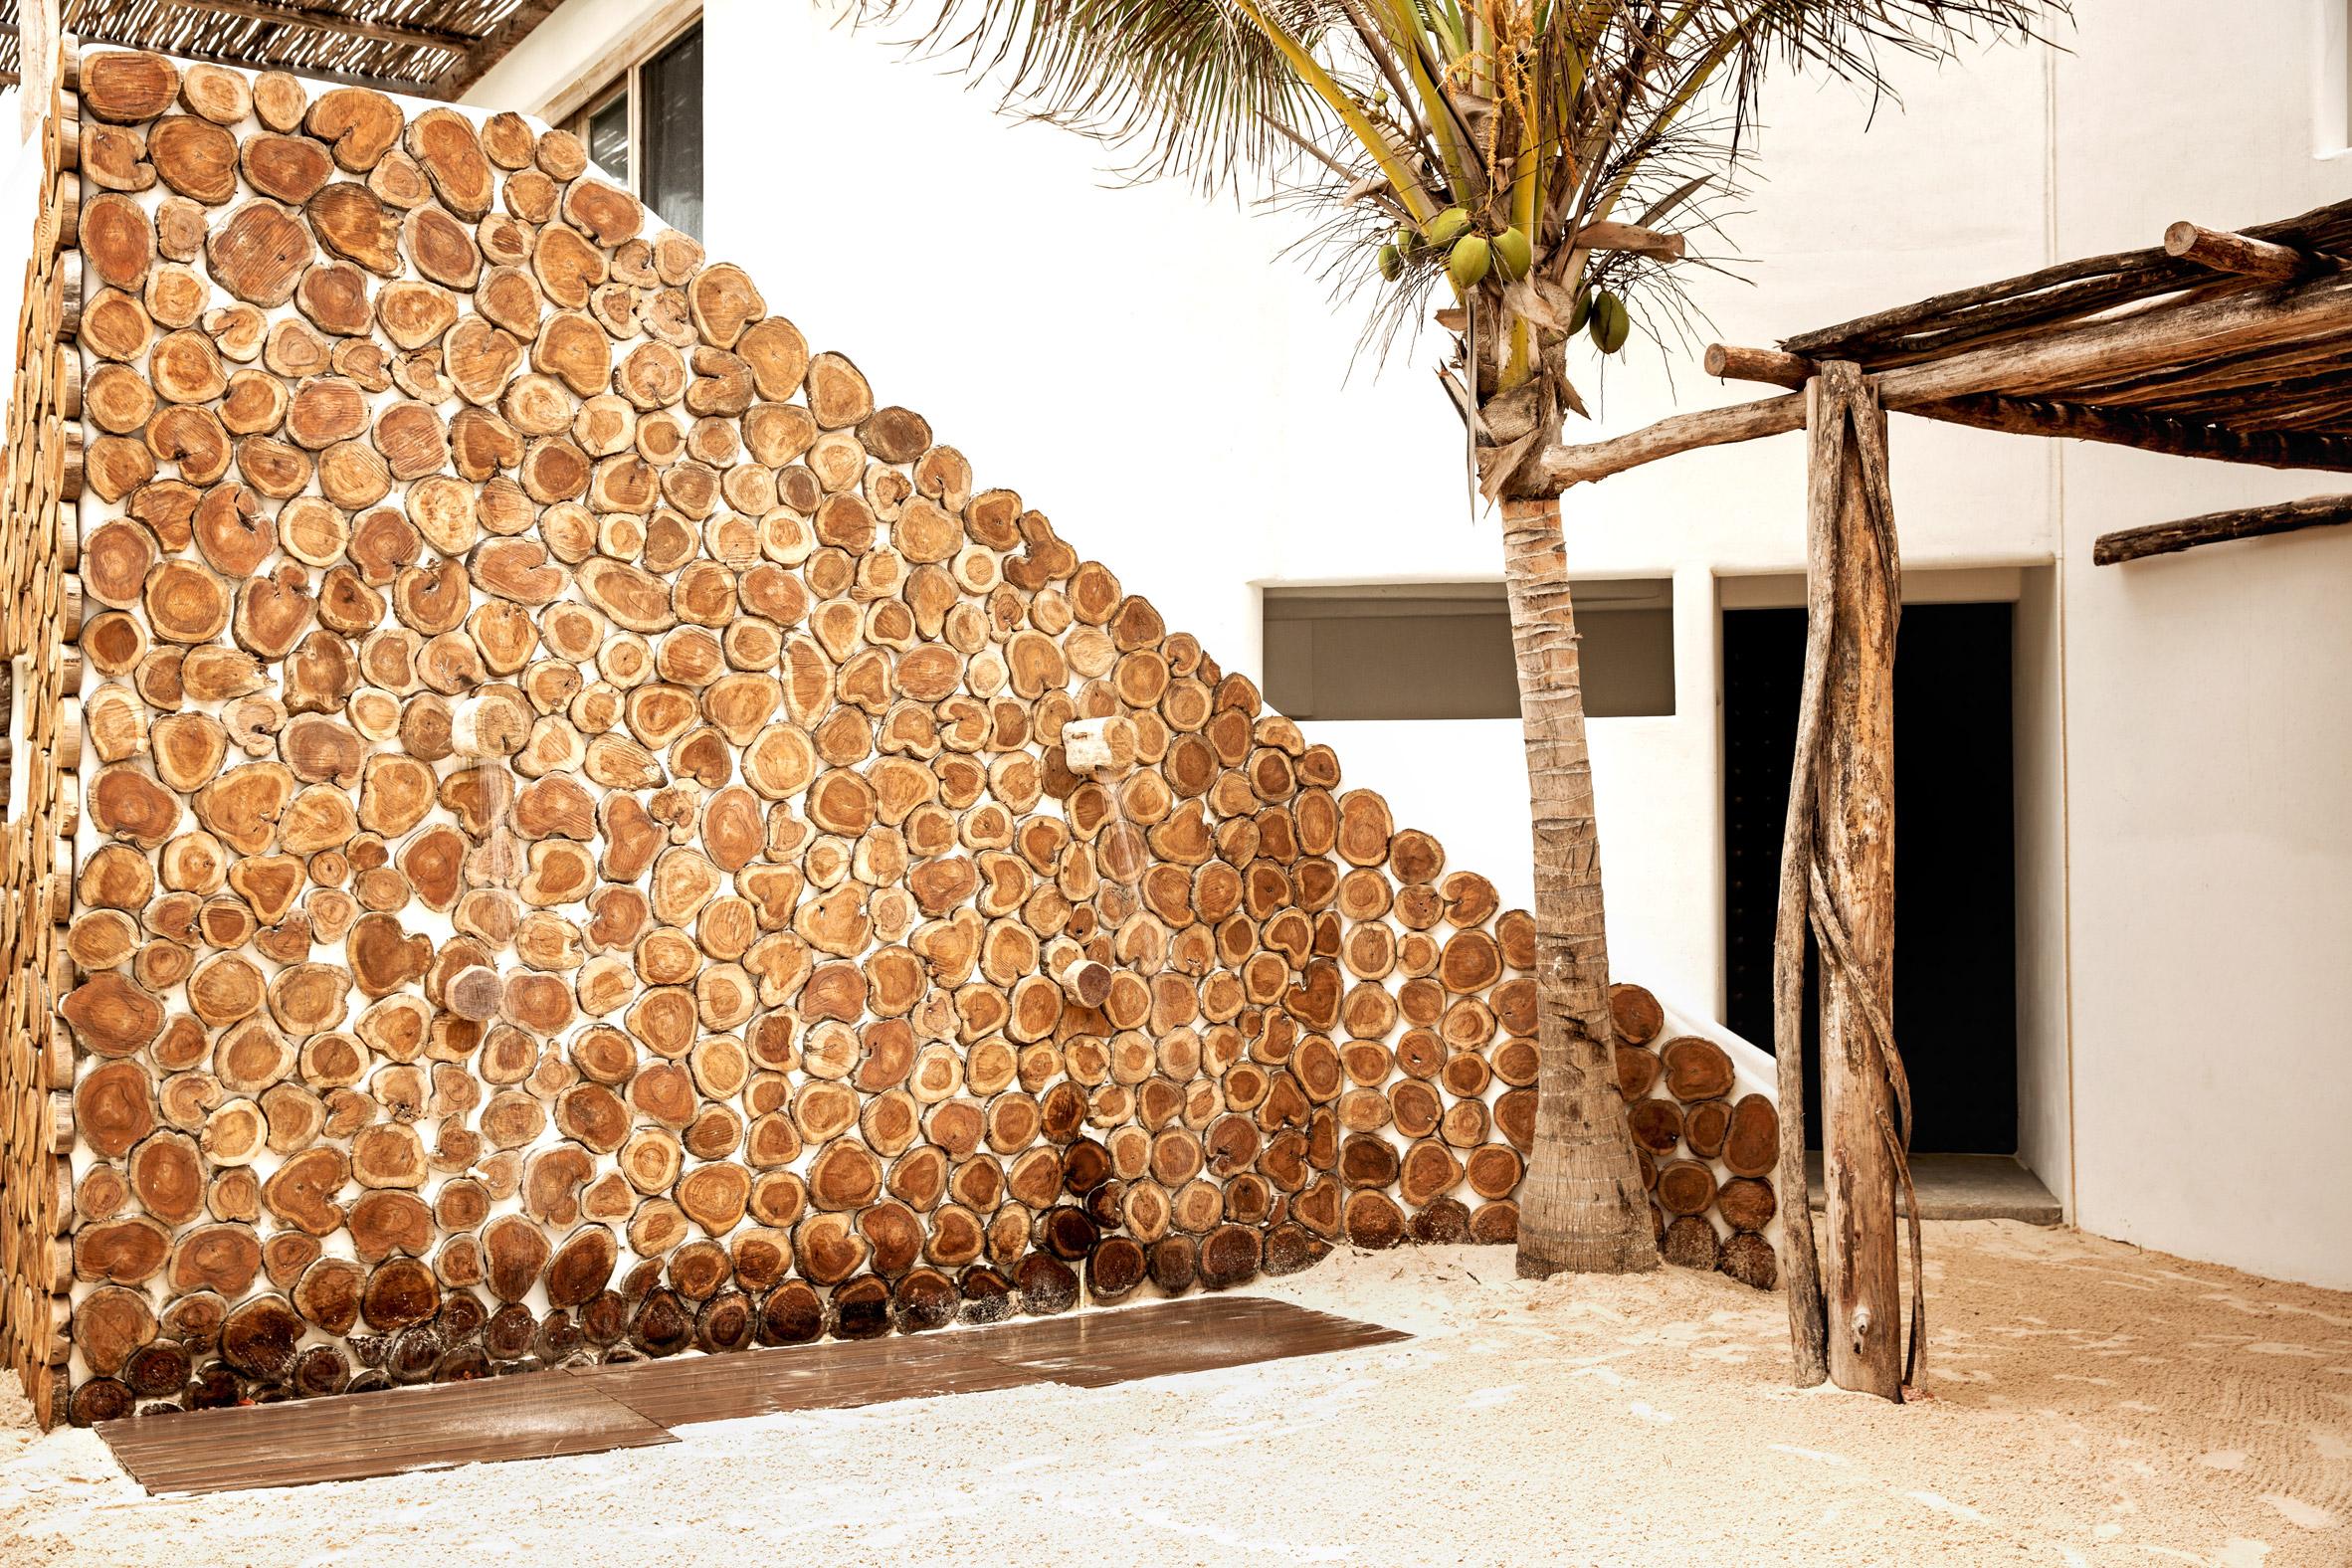 casa-malca-architecture-hotels-mexico_dezeen_2364_col_1